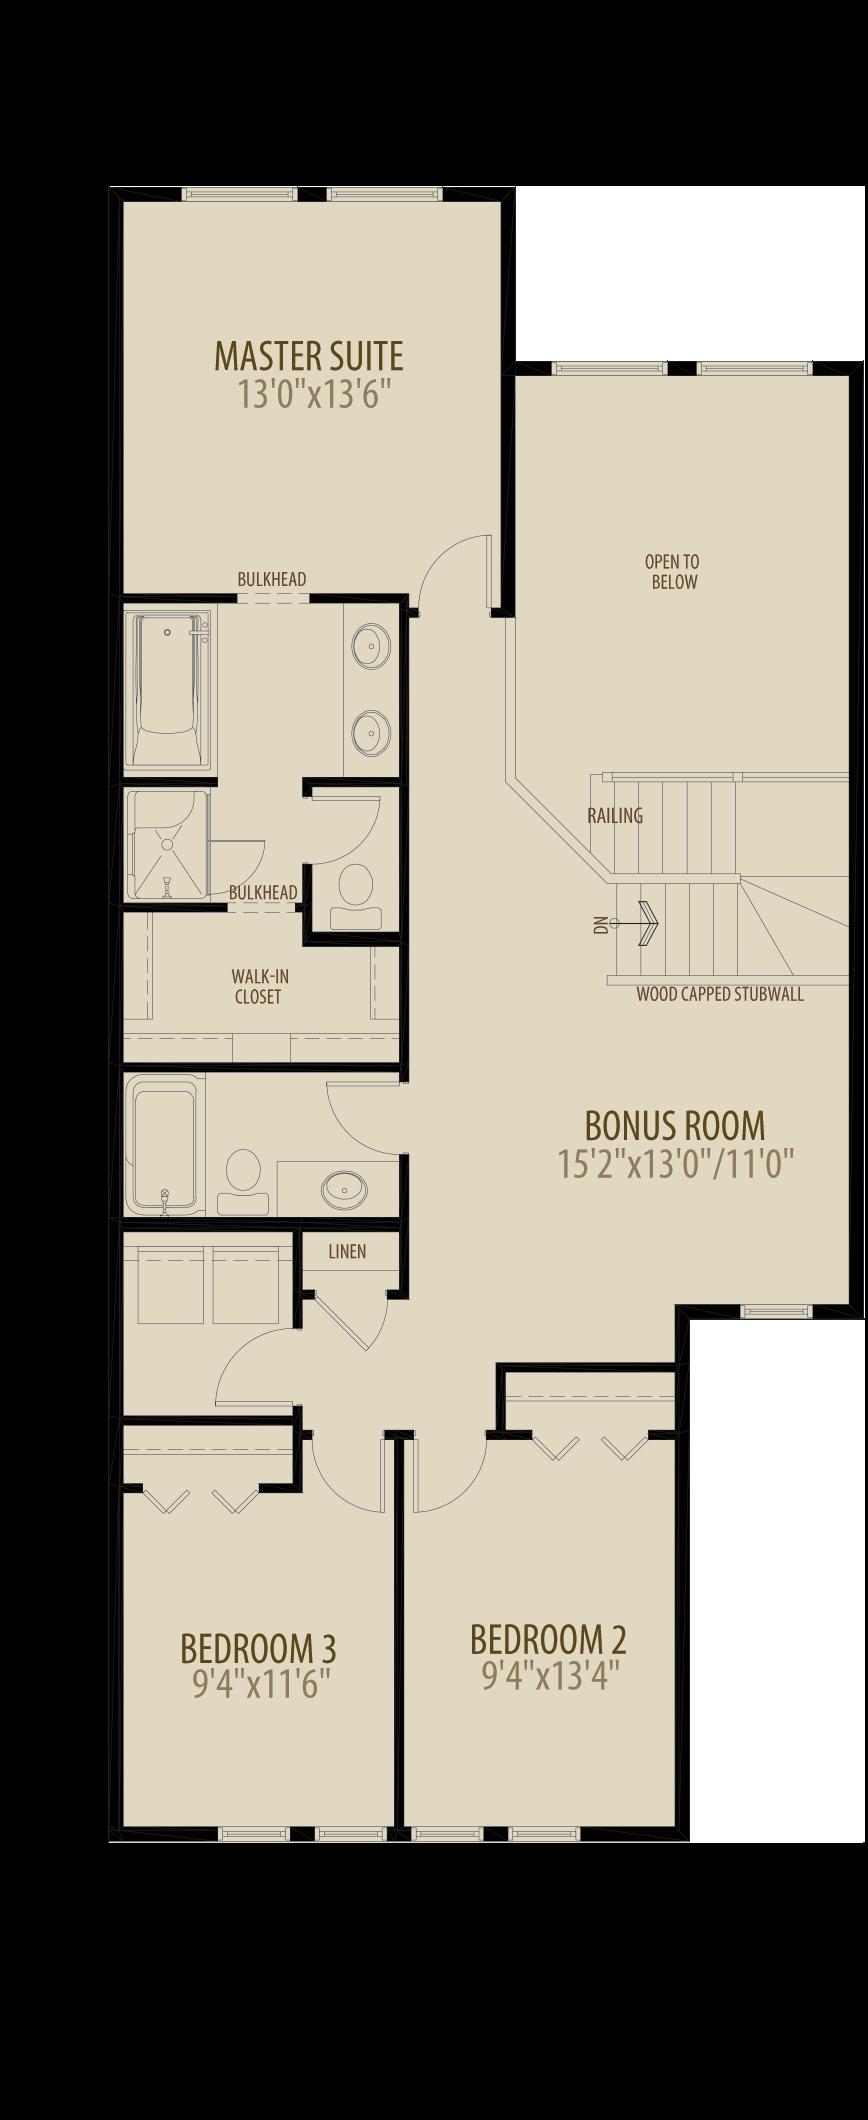 Open To Below Bonus Room Removes 70 sq ft Upper